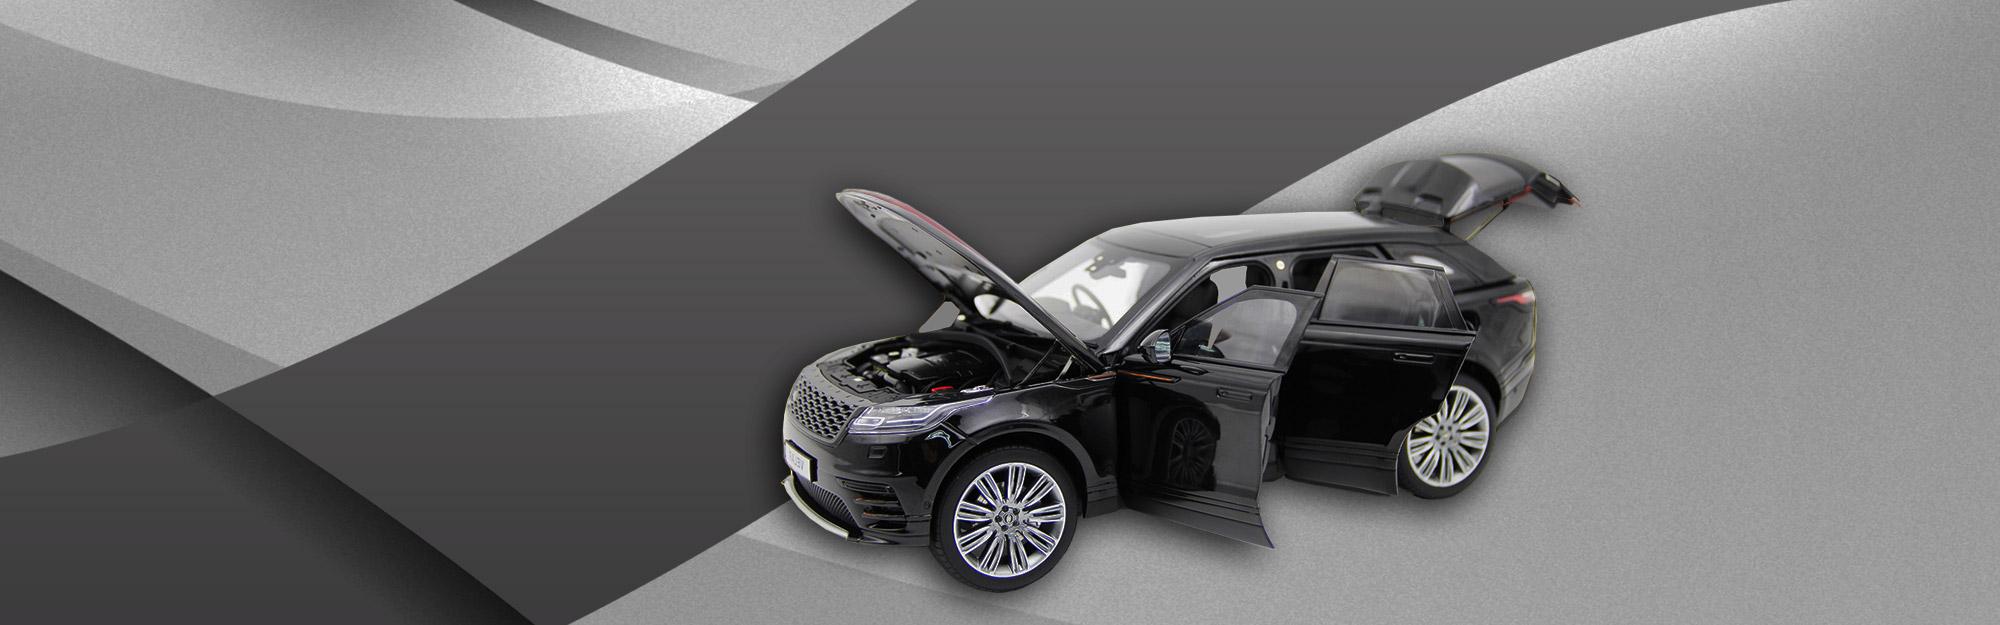 Land Rover Range Rover Velar Black 2018 slide